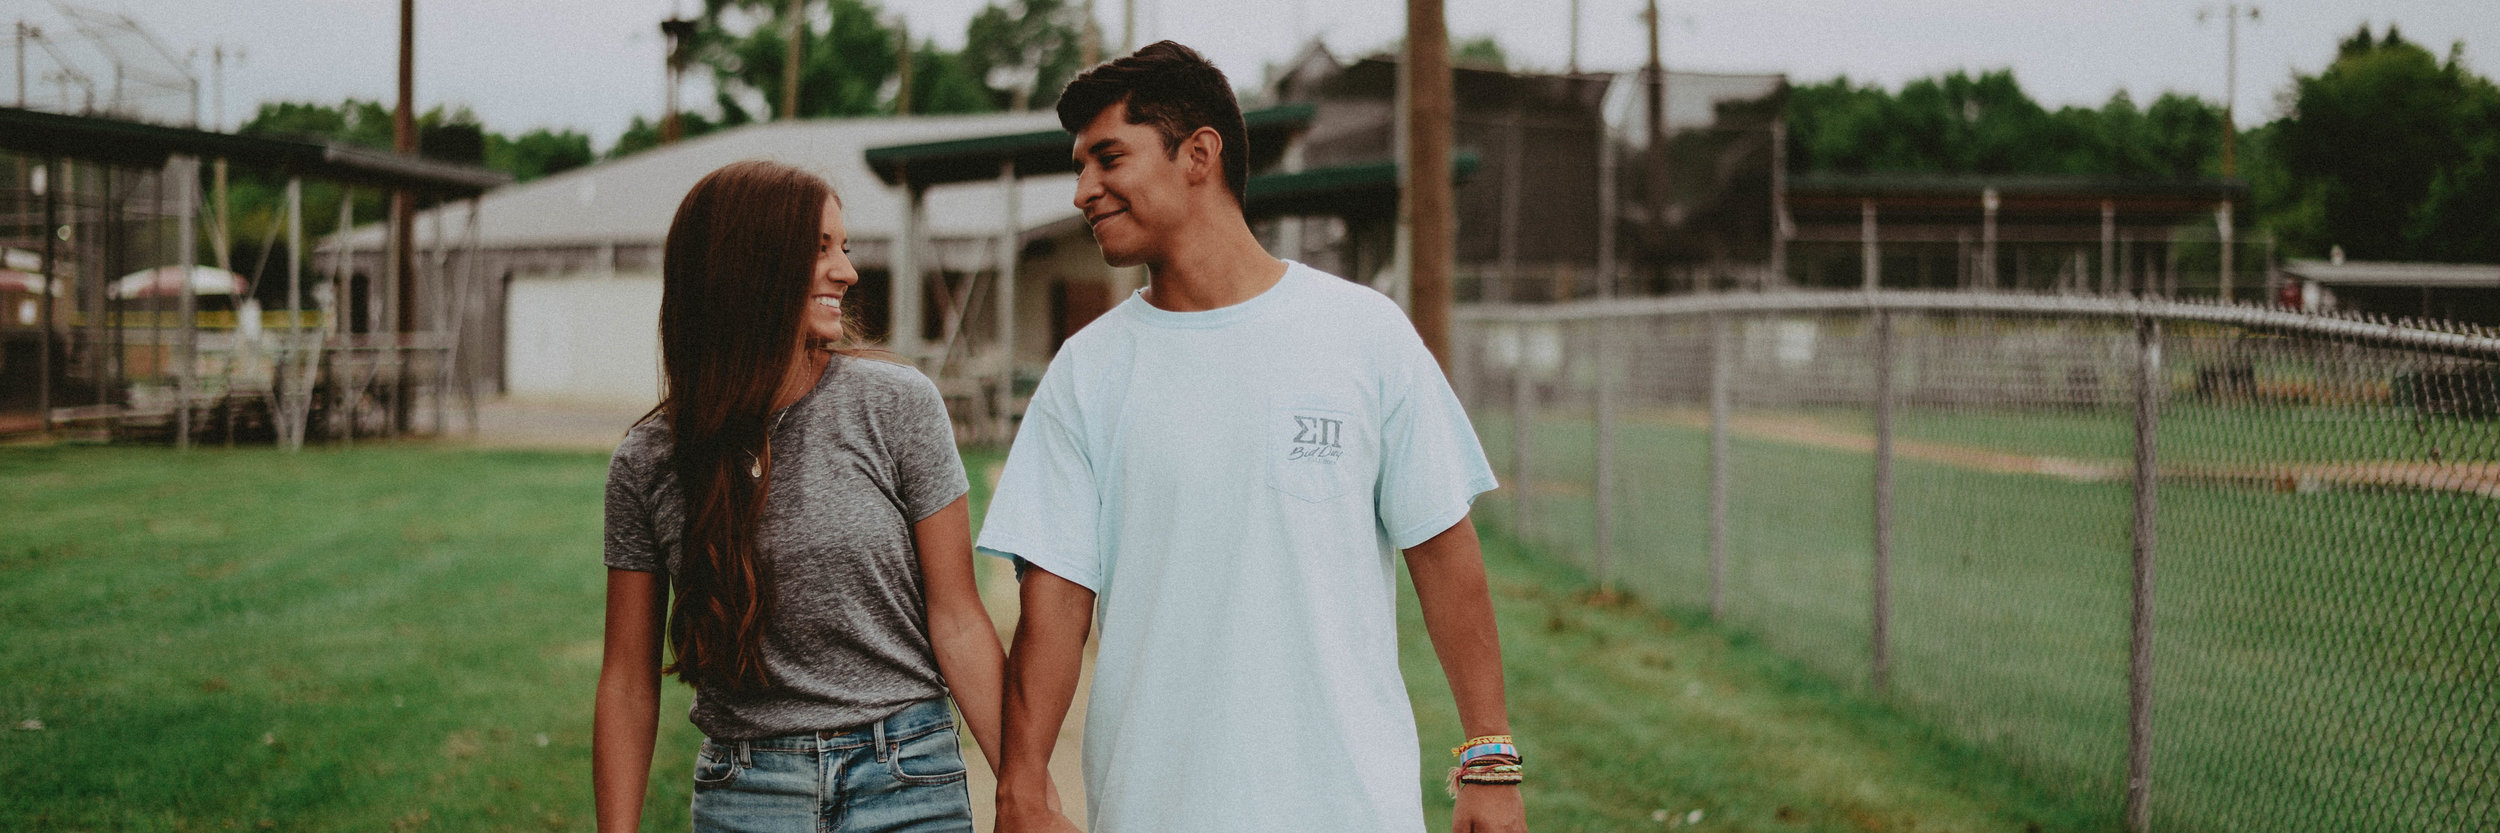 Sigma Pi Tshirt Designs -